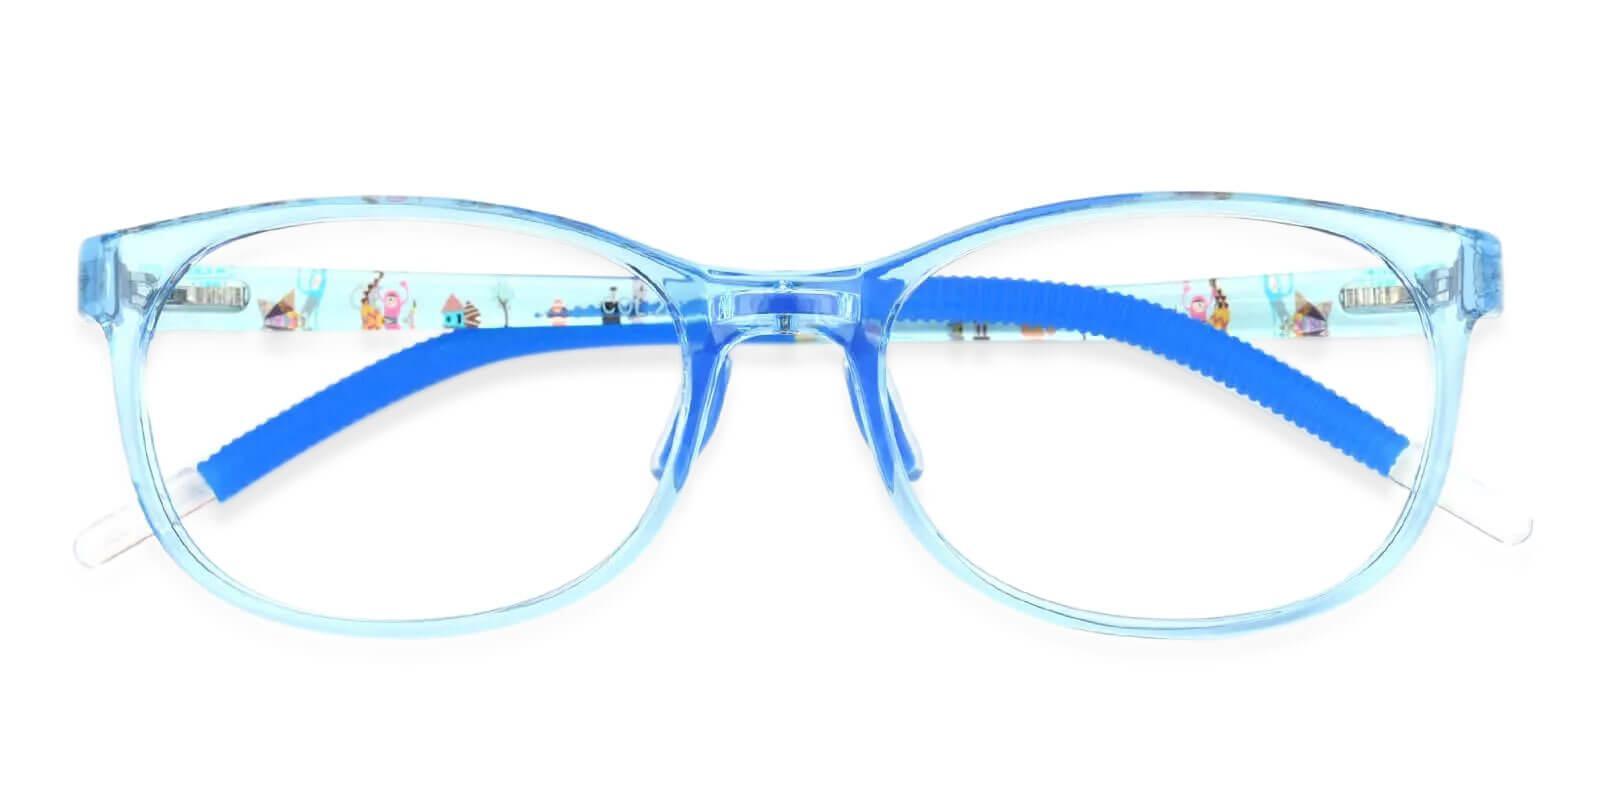 Kids-Munroe Blue TR Eyeglasses , Lightweight , NosePads Frames from ABBE Glasses